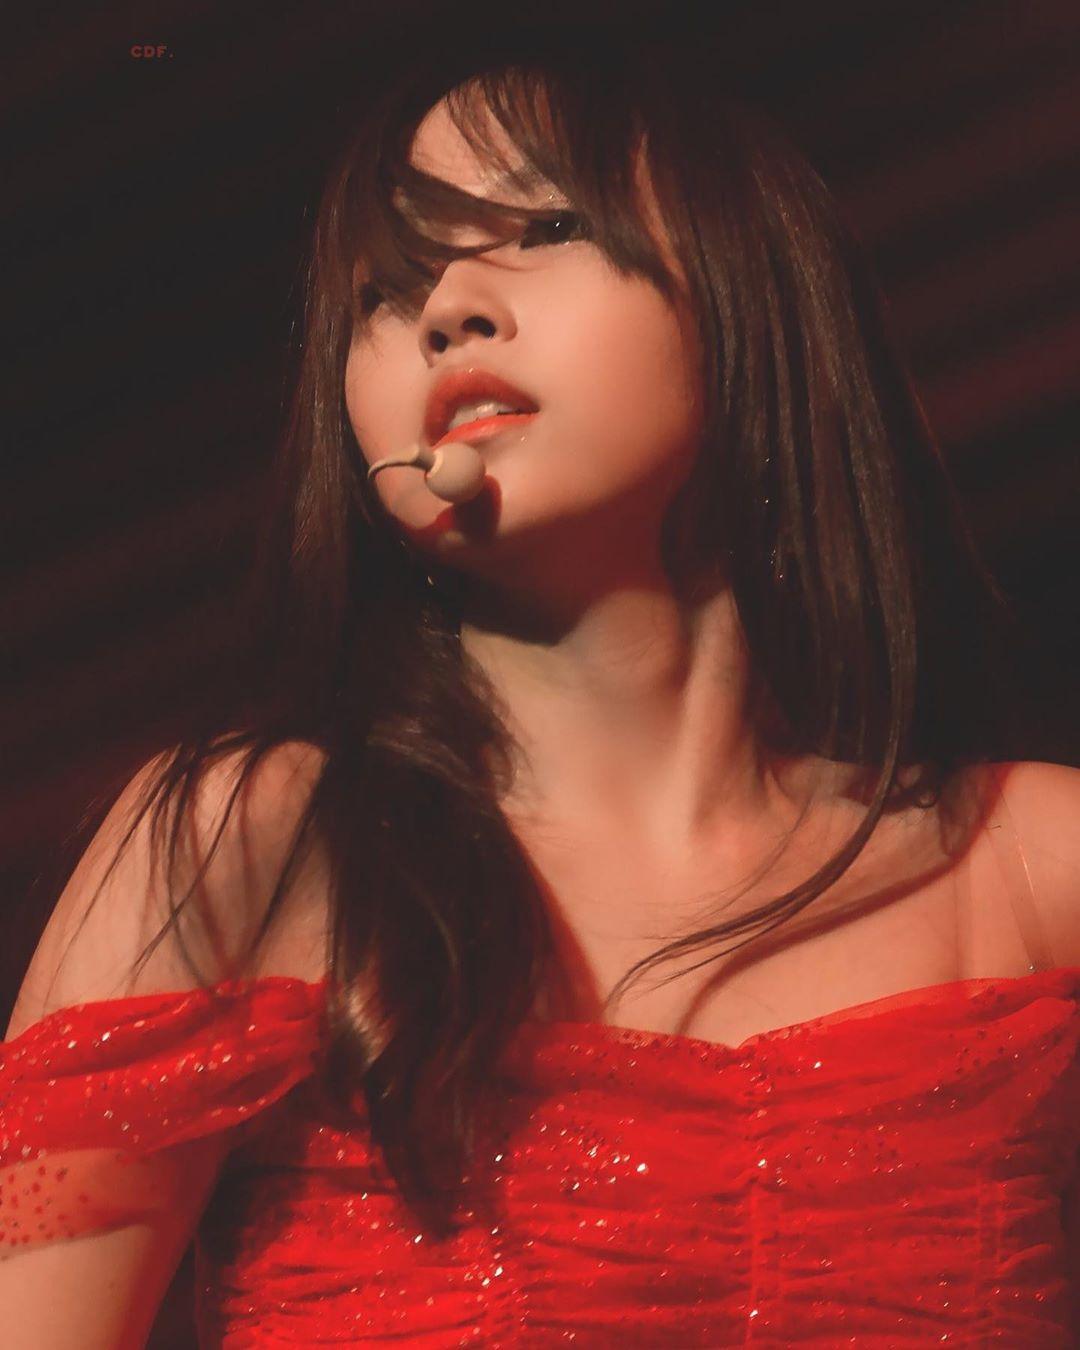 Mina, de la banda K-pop TWICE, diagnosticada con trastorno de ansiedad